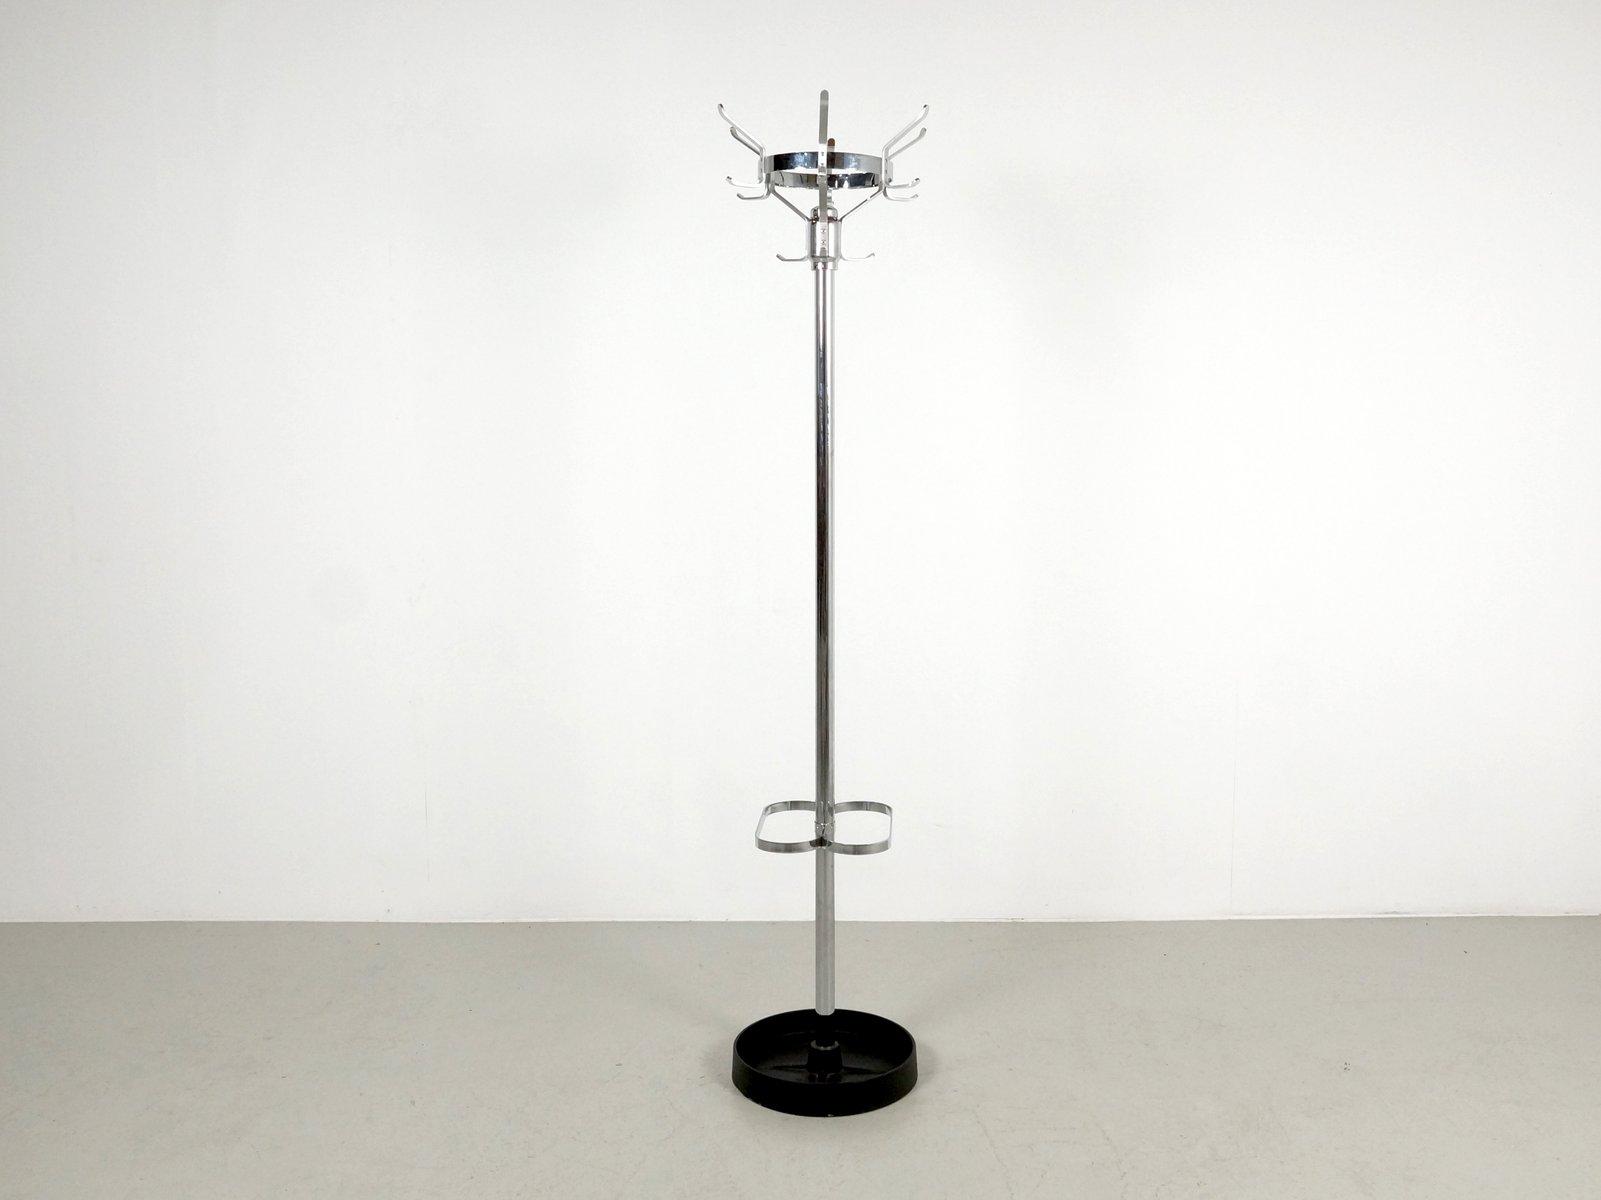 portemanteau sur pied en chrome avec porte parapluies 1970s en vente sur pamono. Black Bedroom Furniture Sets. Home Design Ideas